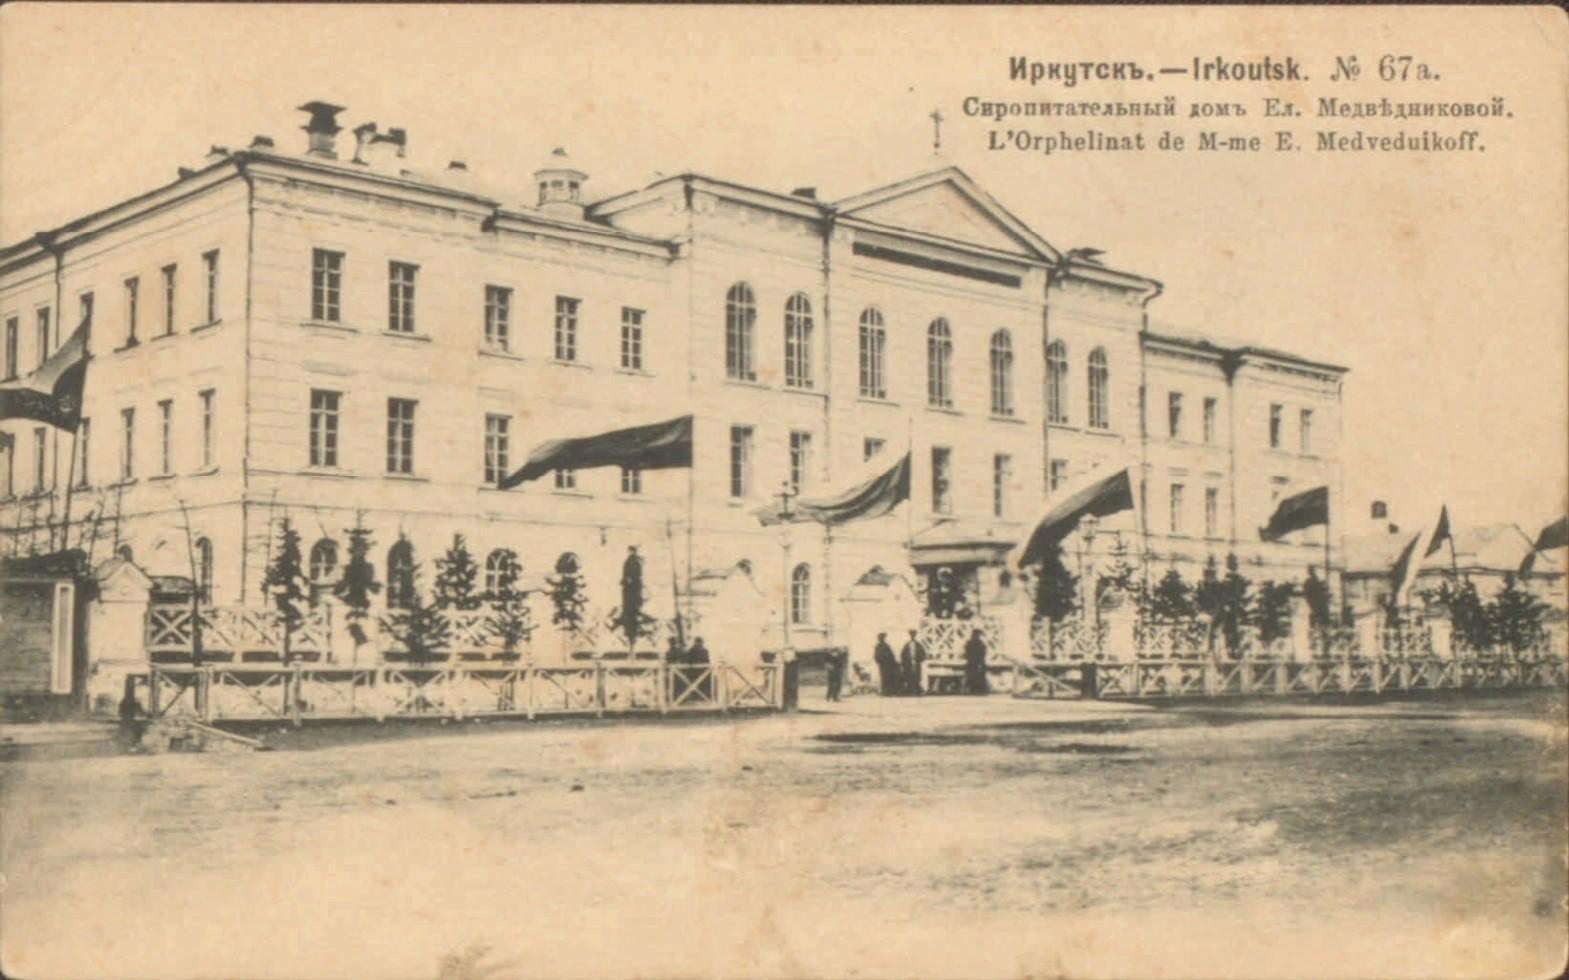 Сиропитательный дом Ел. Медведниковой